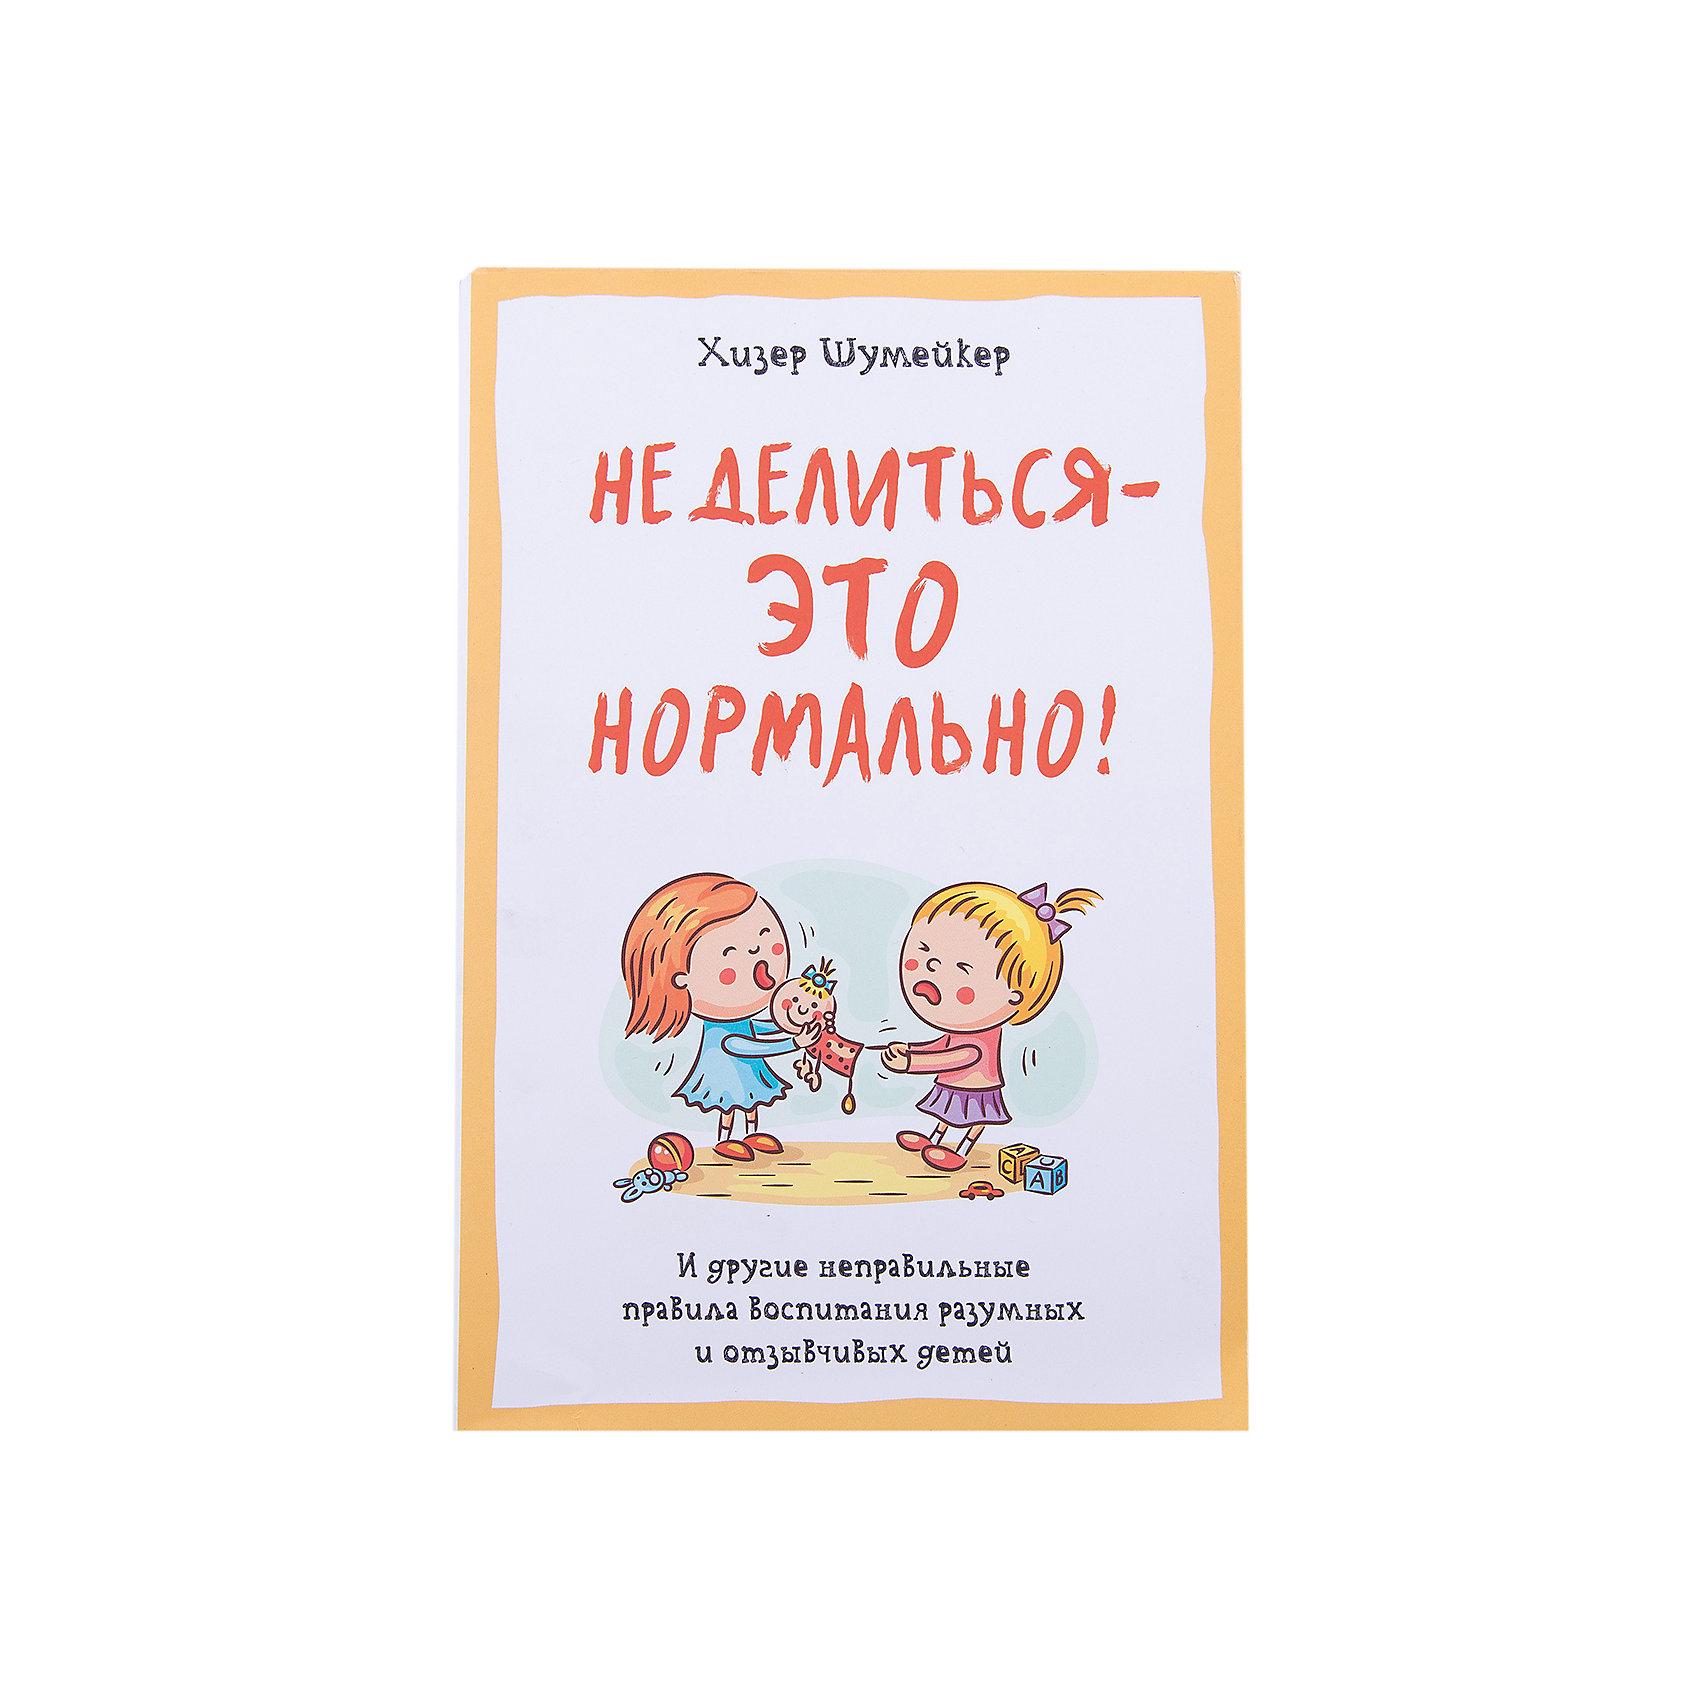 Не делиться - это нормально!Характеристики товара:<br><br>• размер: 14x21 см<br>• тип обложки: твердая<br>• материал: бумага<br>• страниц: 496<br>• для родителей<br>• страна бренда: РФ<br>• страна изготовитель: РФ<br><br>Овладевать новыми навыками и познавать мир можно очень интересно! Такая книжка от знаменитого автора Хизер Шумейкер станет отличным подарком родителям - ведь с помощью неё можно научиться лучше понимать ребенка, учитывать именно его особенности при воспитании. Разве вы не хлотите, чтобы ваш ребенок вырос умным и счастливым!?<br>Книга уже стала популярной во многих странах - в ней нашлись ответы на многие насущные вопросы от родителей. Она особенно нужна в наш век гаджетов и переизбытка информации. Изделие производится из качественных и проверенных материалов, которые безопасны для детей.<br><br>Издание Не делиться - это нормально! можно купить в нашем интернет-магазине.<br><br>Ширина мм: 216<br>Глубина мм: 145<br>Высота мм: 26<br>Вес г: 600<br>Возраст от месяцев: 216<br>Возраст до месяцев: 2147483647<br>Пол: Унисекс<br>Возраст: Детский<br>SKU: 5190635